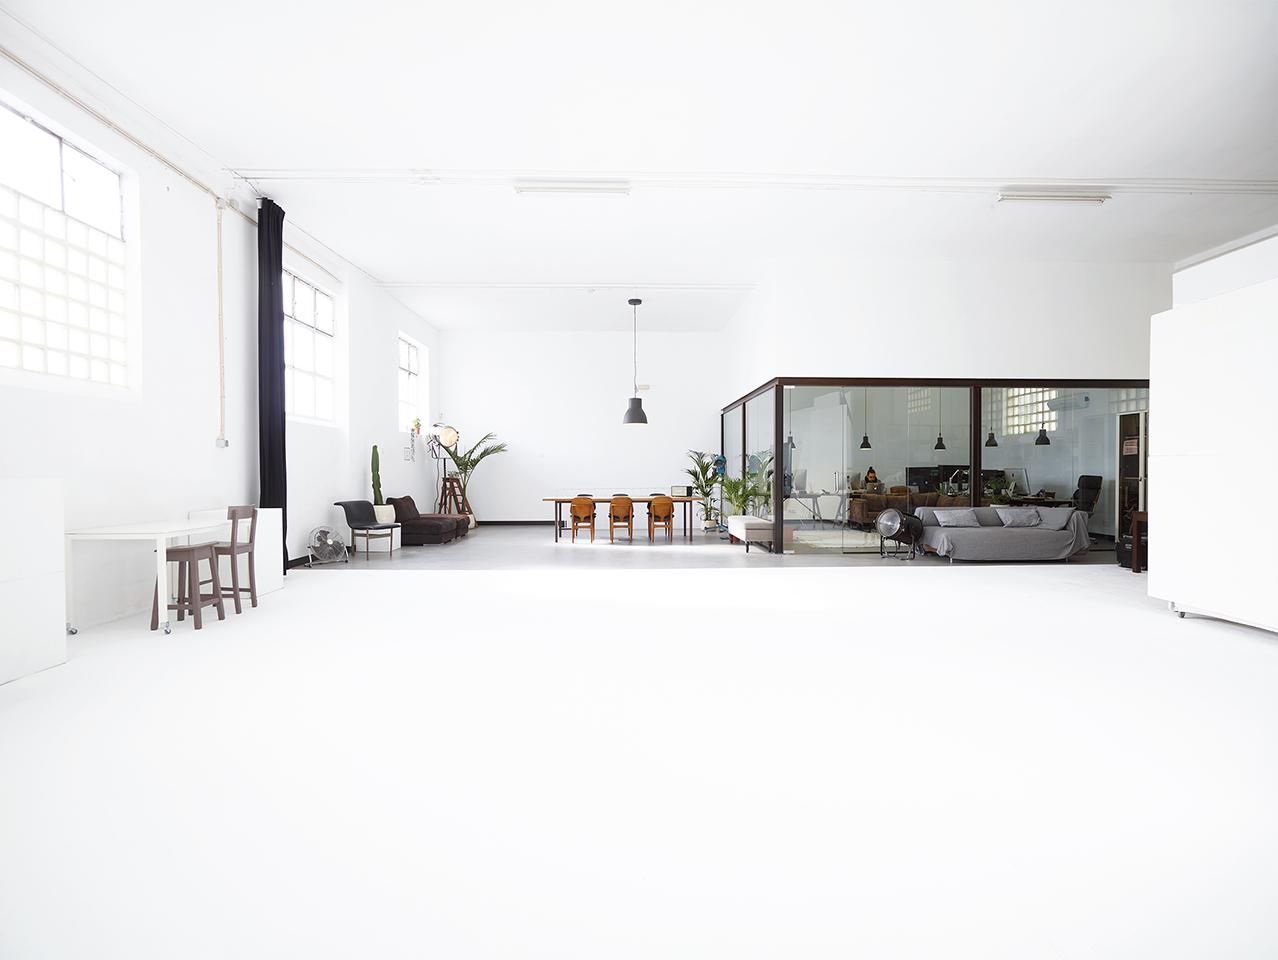 Studio_2019_Piso1_11